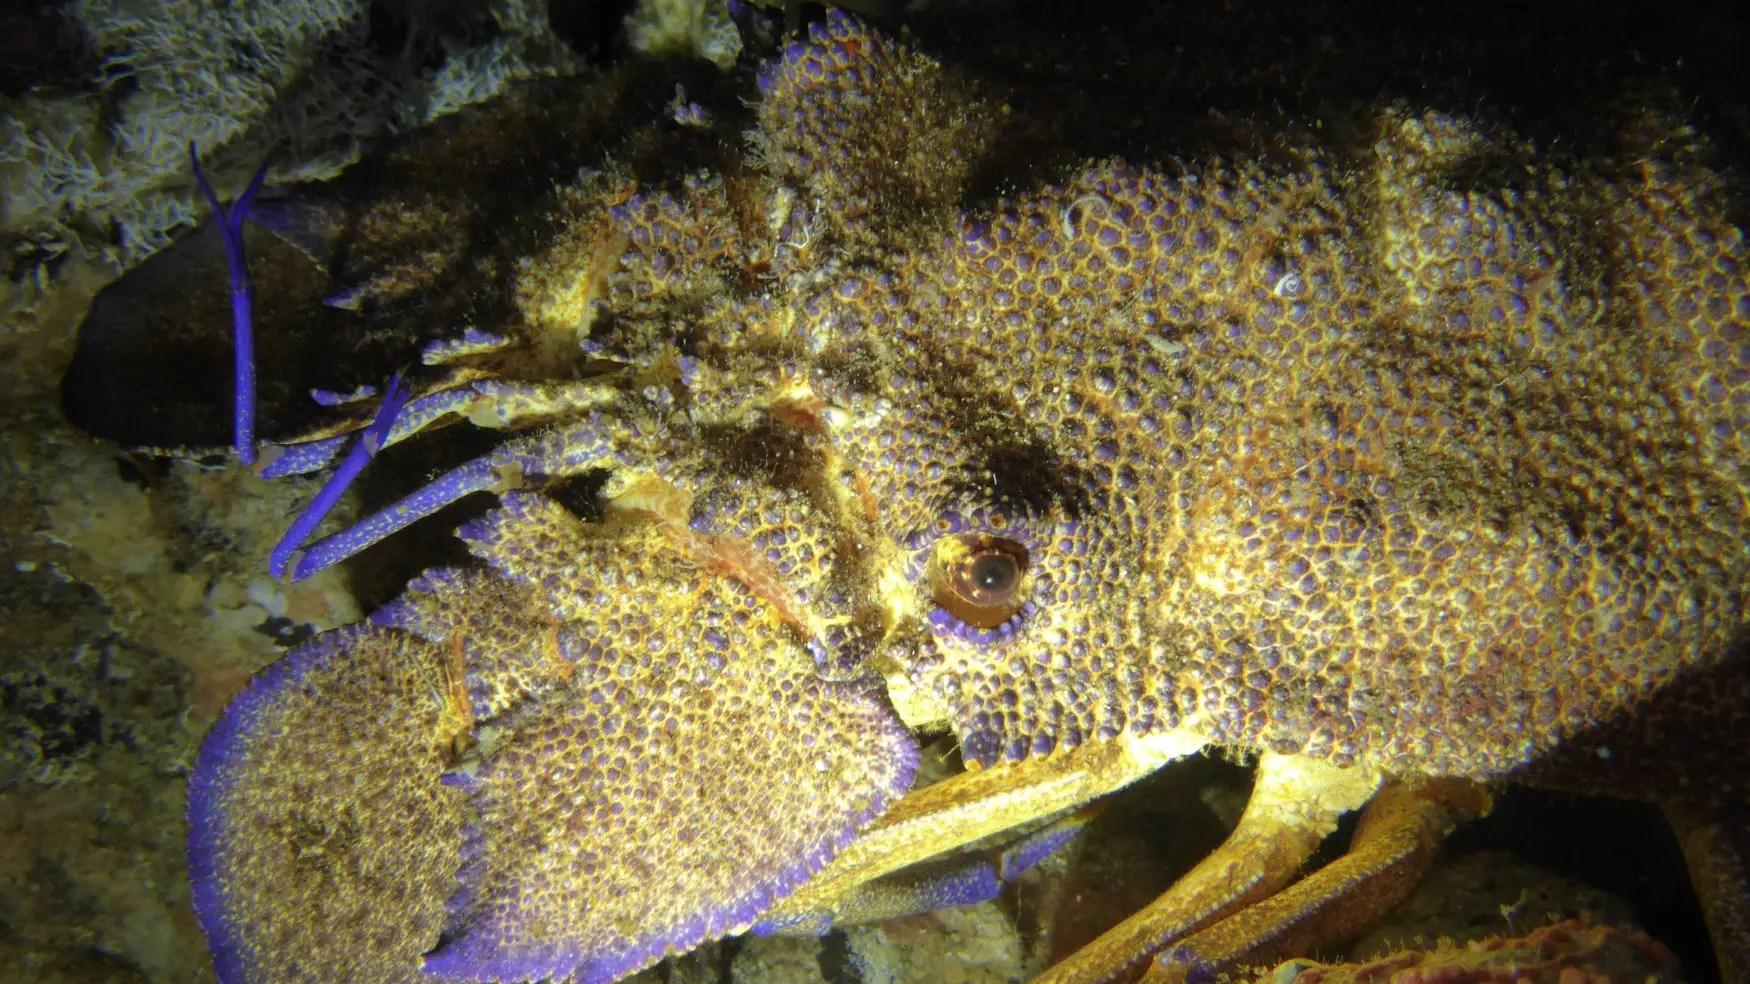 Greater slipper lobster - Scyllarides latus